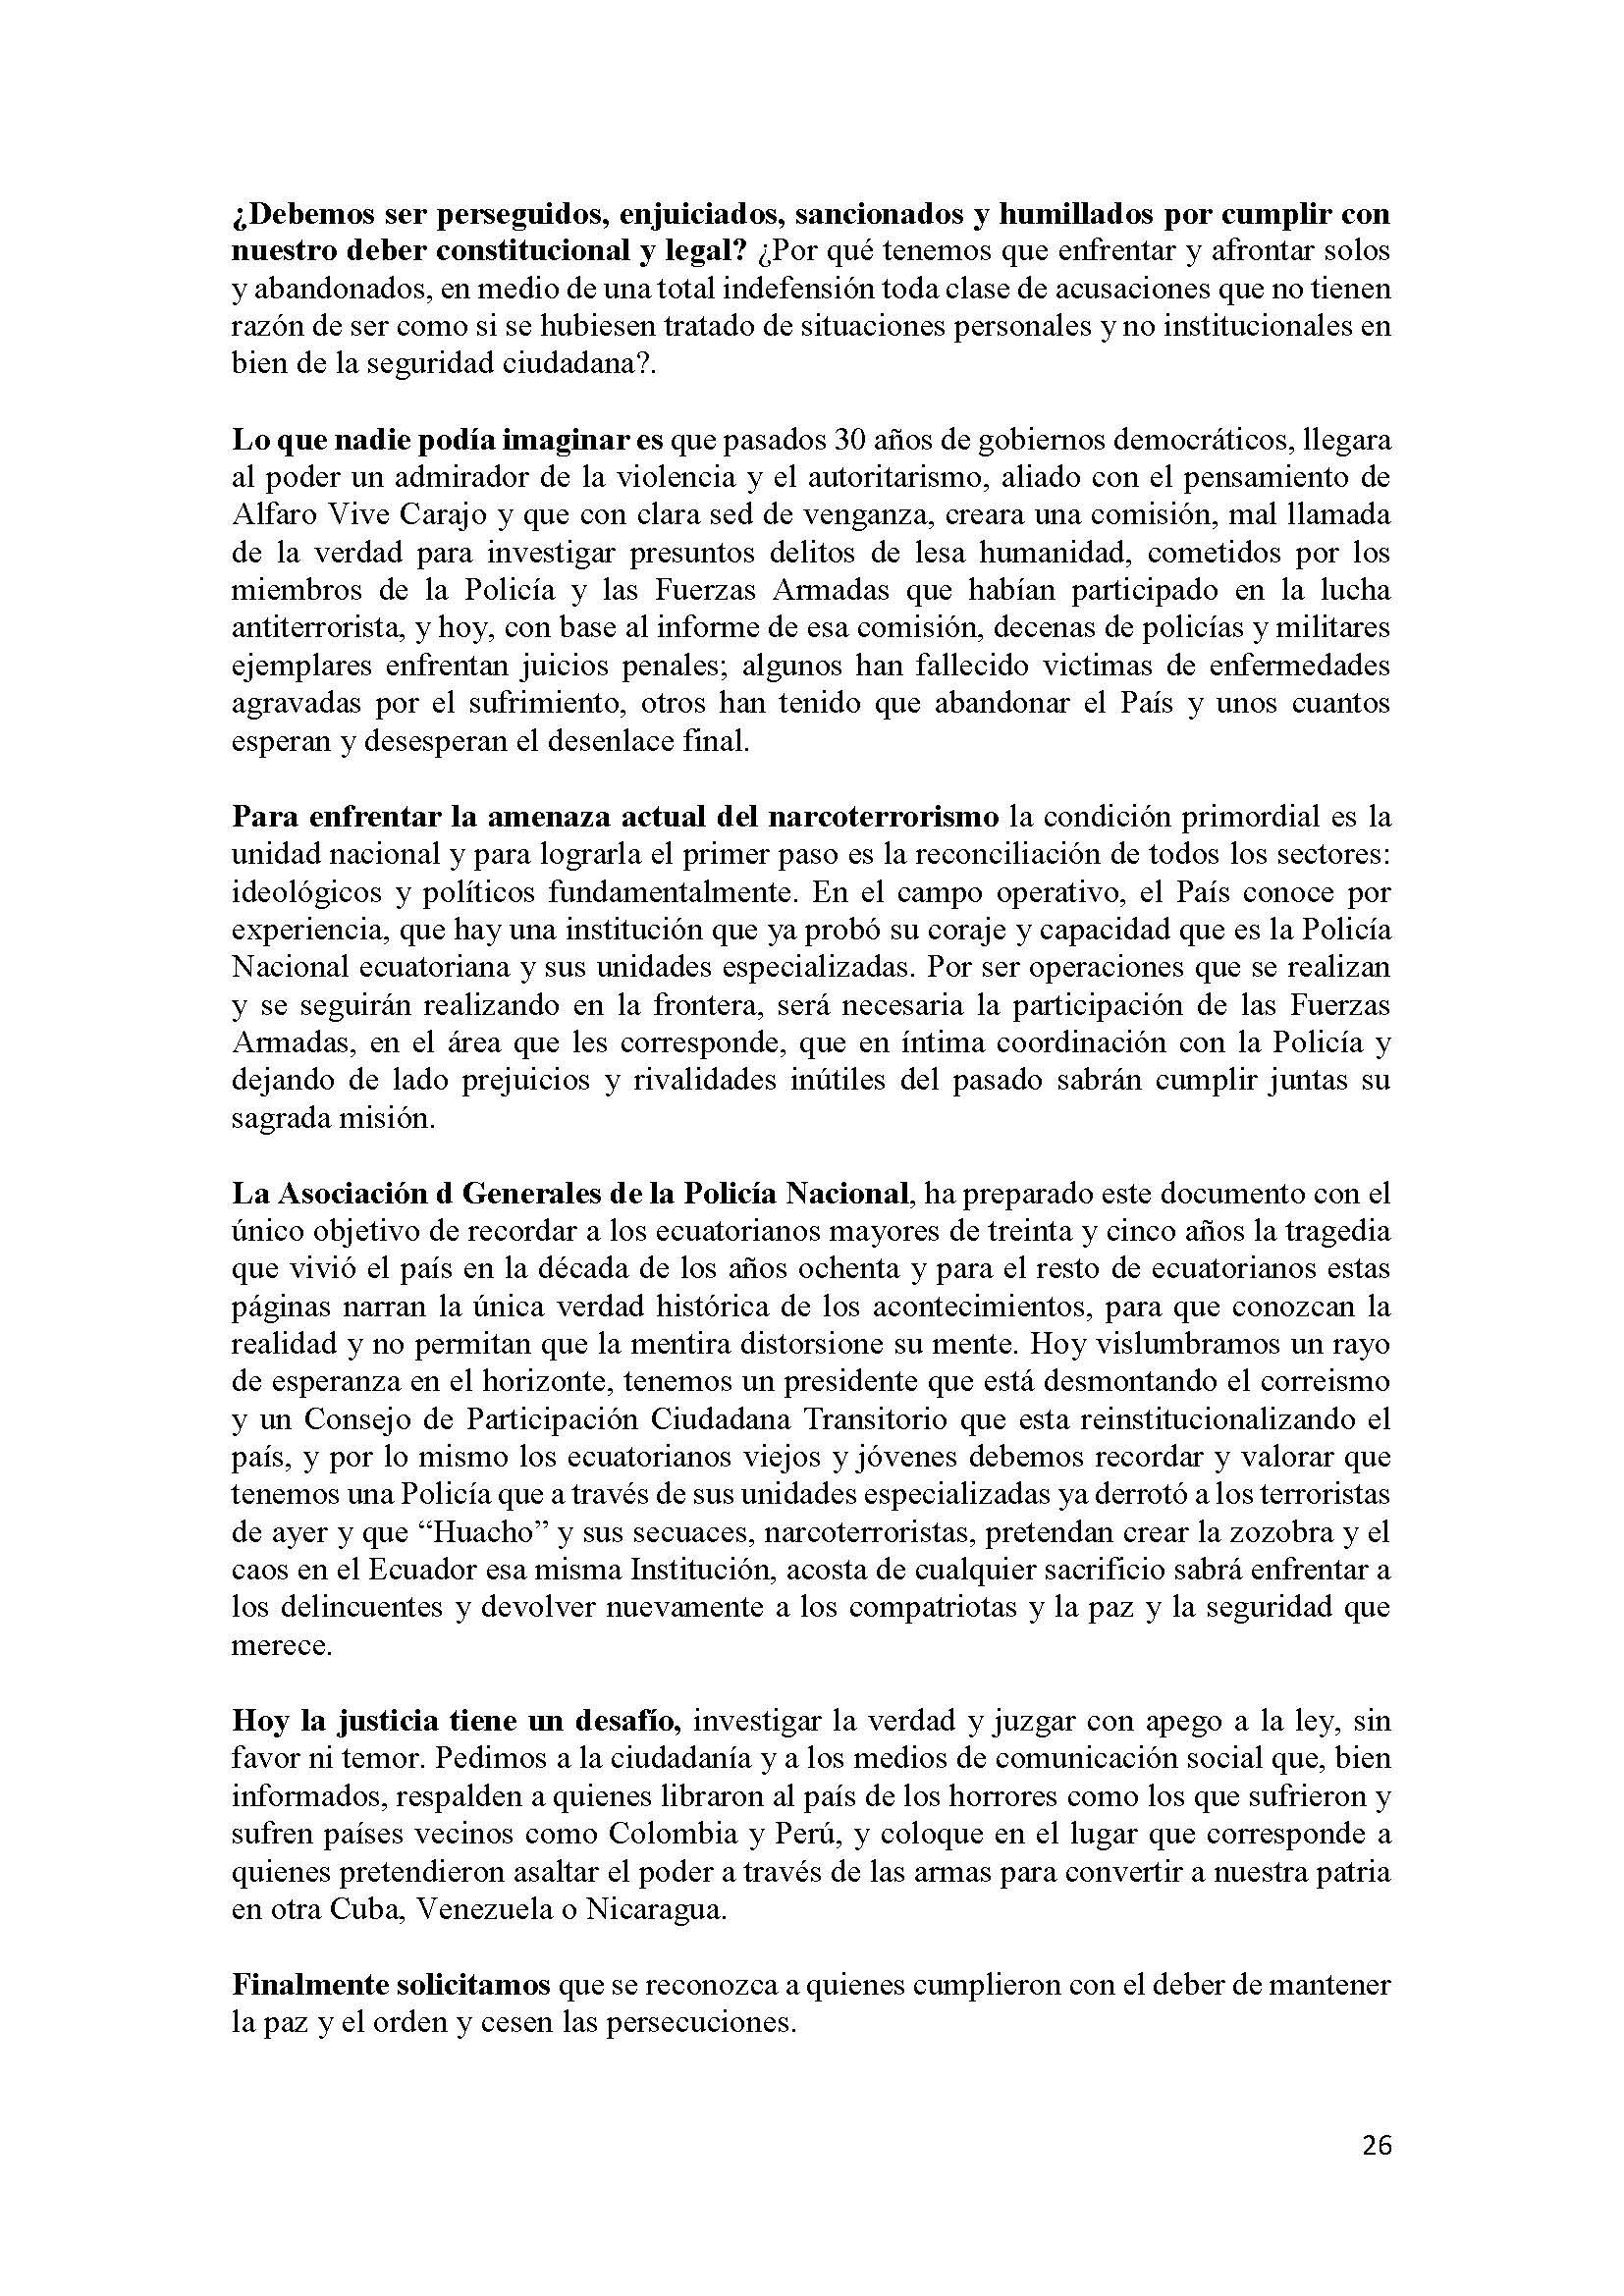 INFORME PARA EL SR. PRESIDENTE DE LA REPUBLICA DEL ECUADOR LIC. LENIN MORENO_Page_26